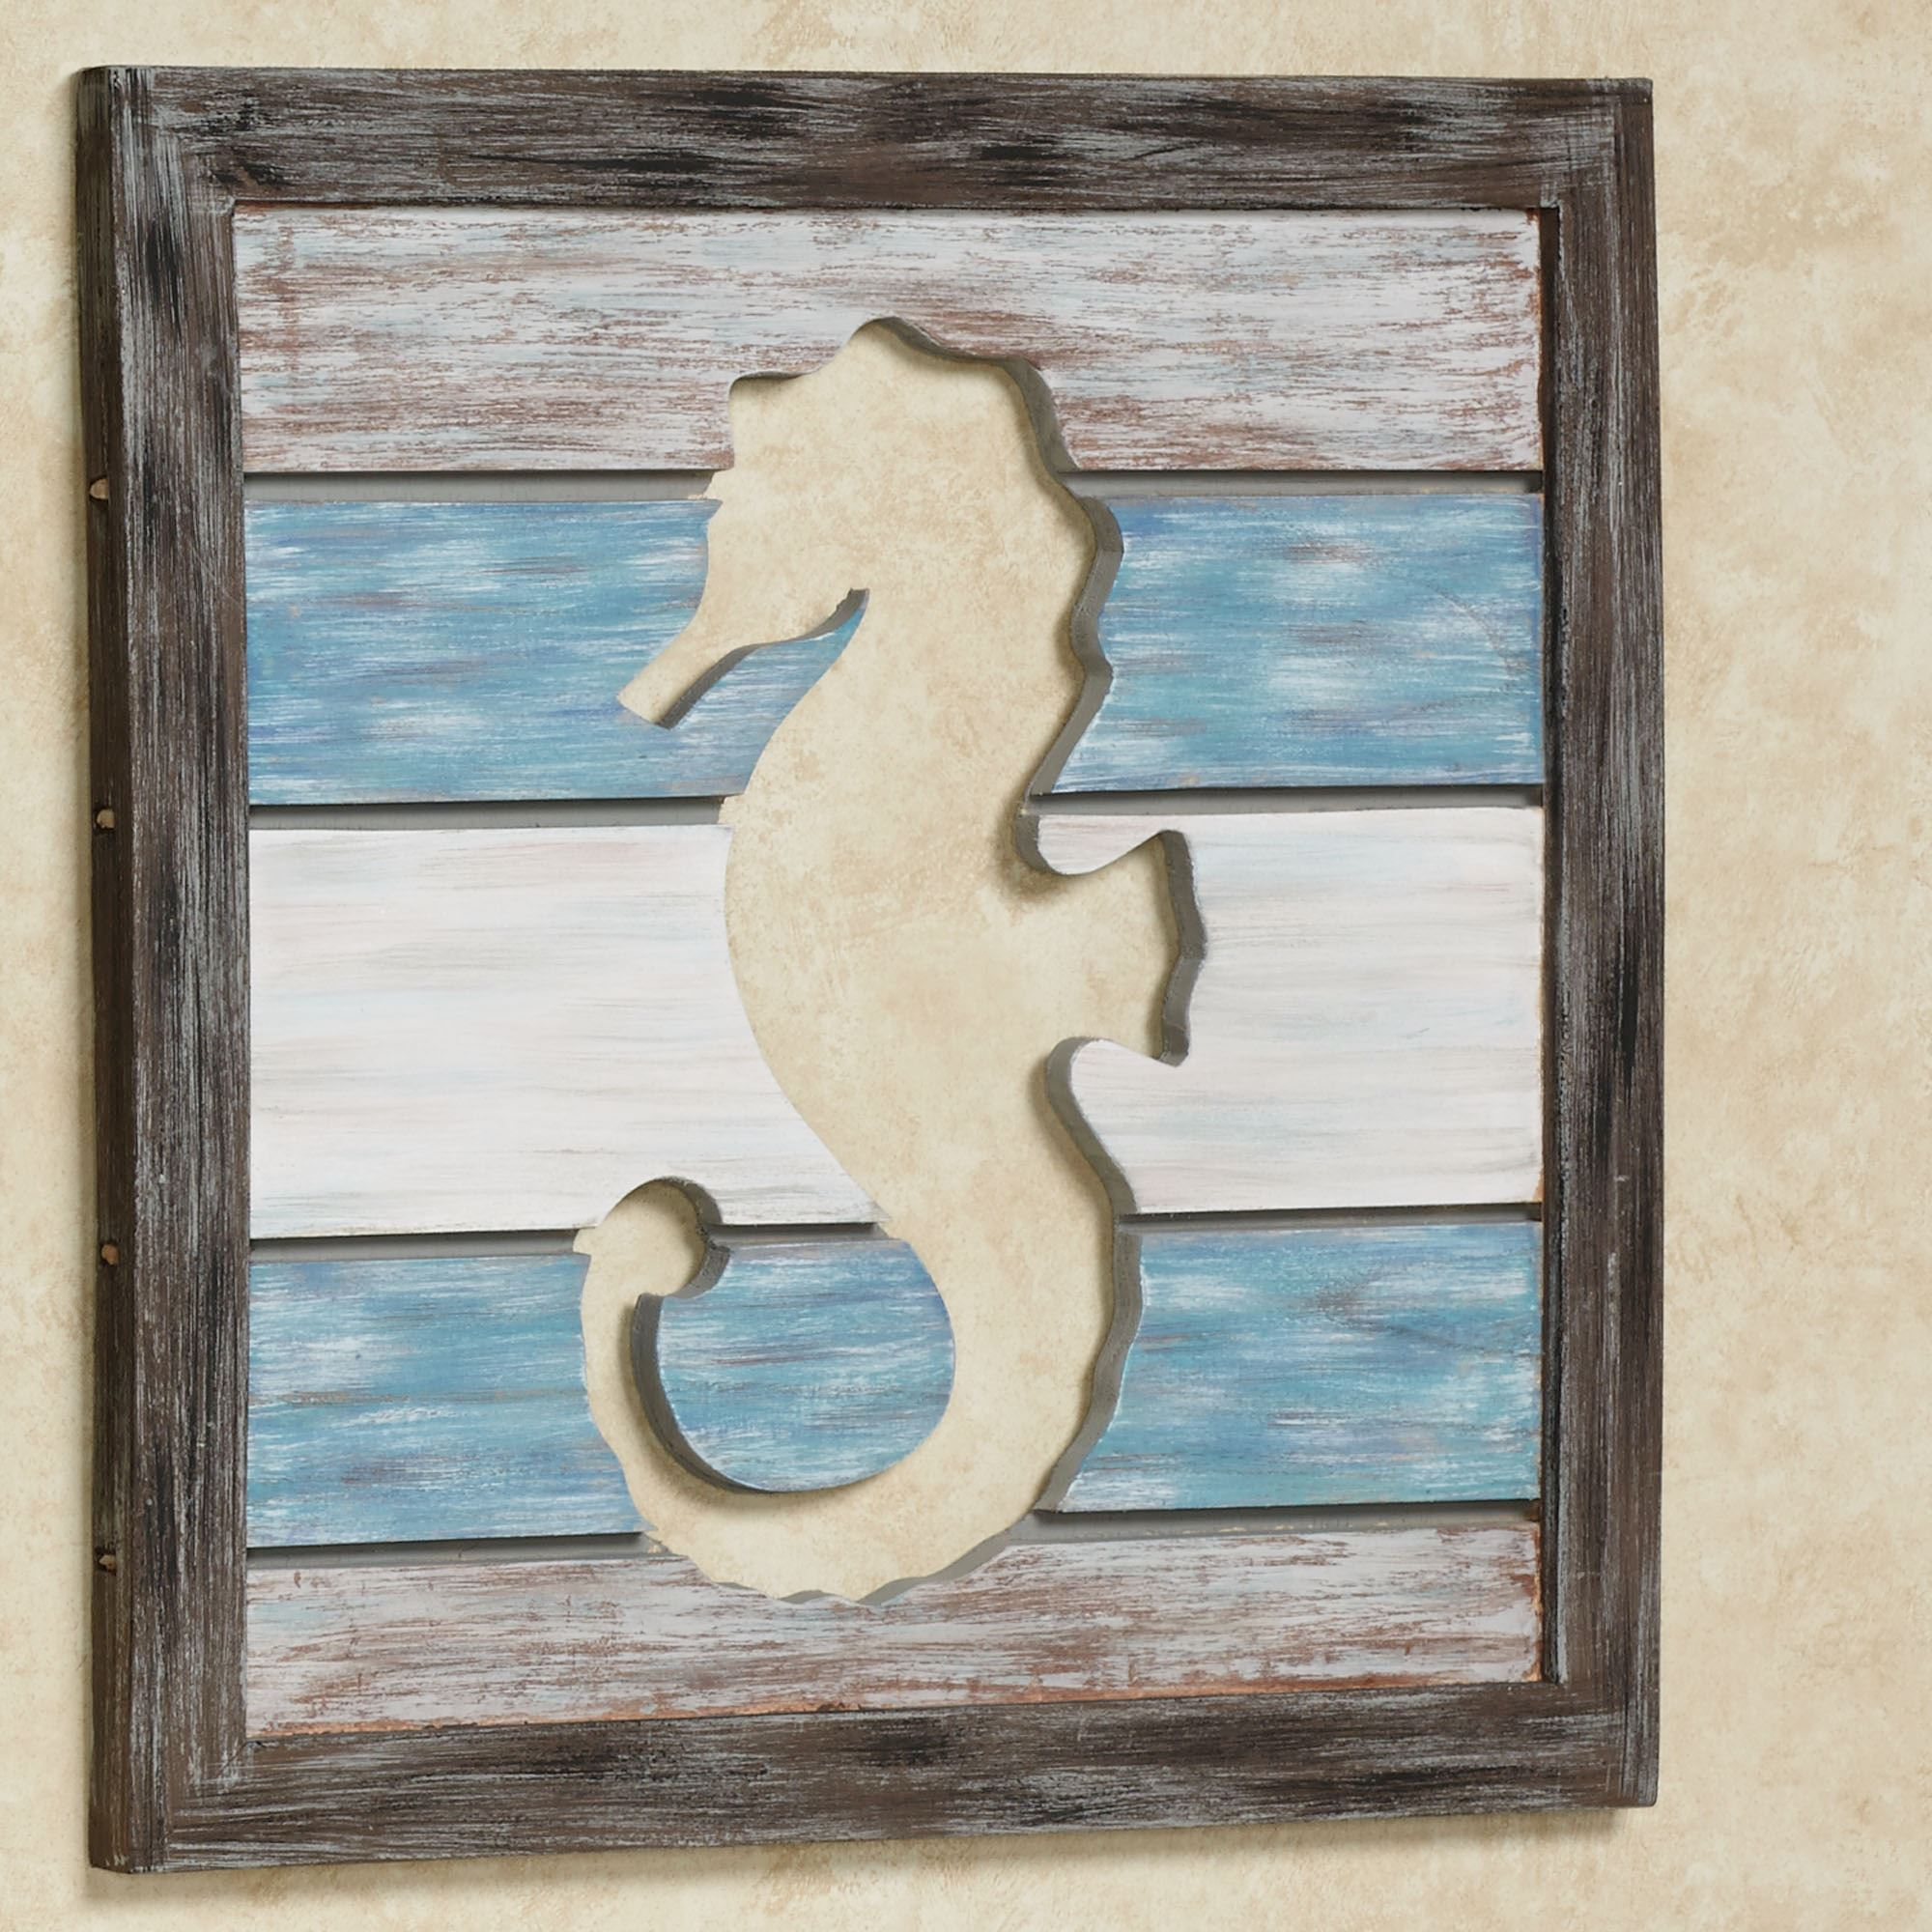 Sealife Cutout Slat Indoor Outdoor Coastal Wall Art